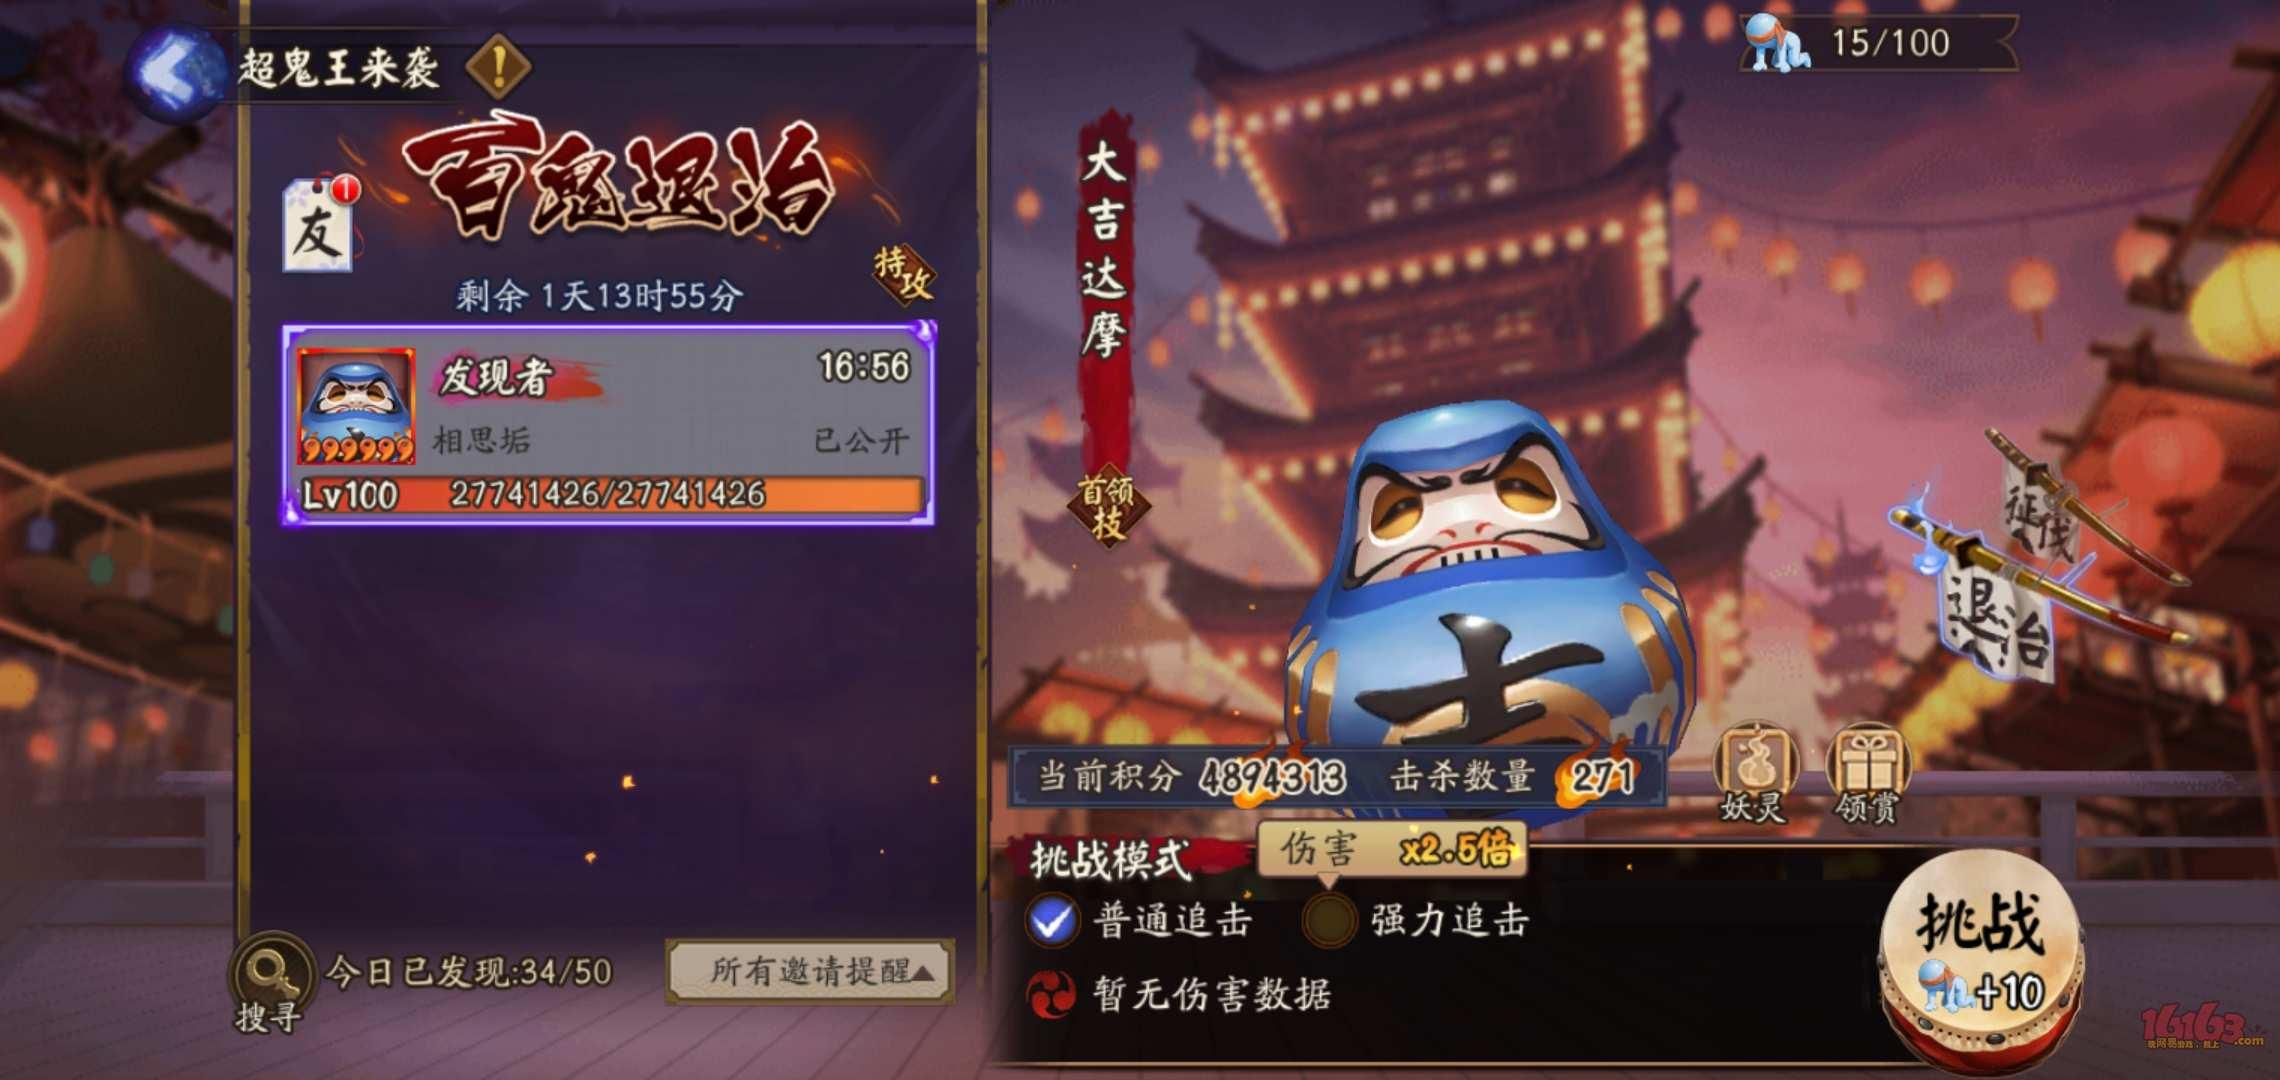 Screenshot_20200224_100459.jpg